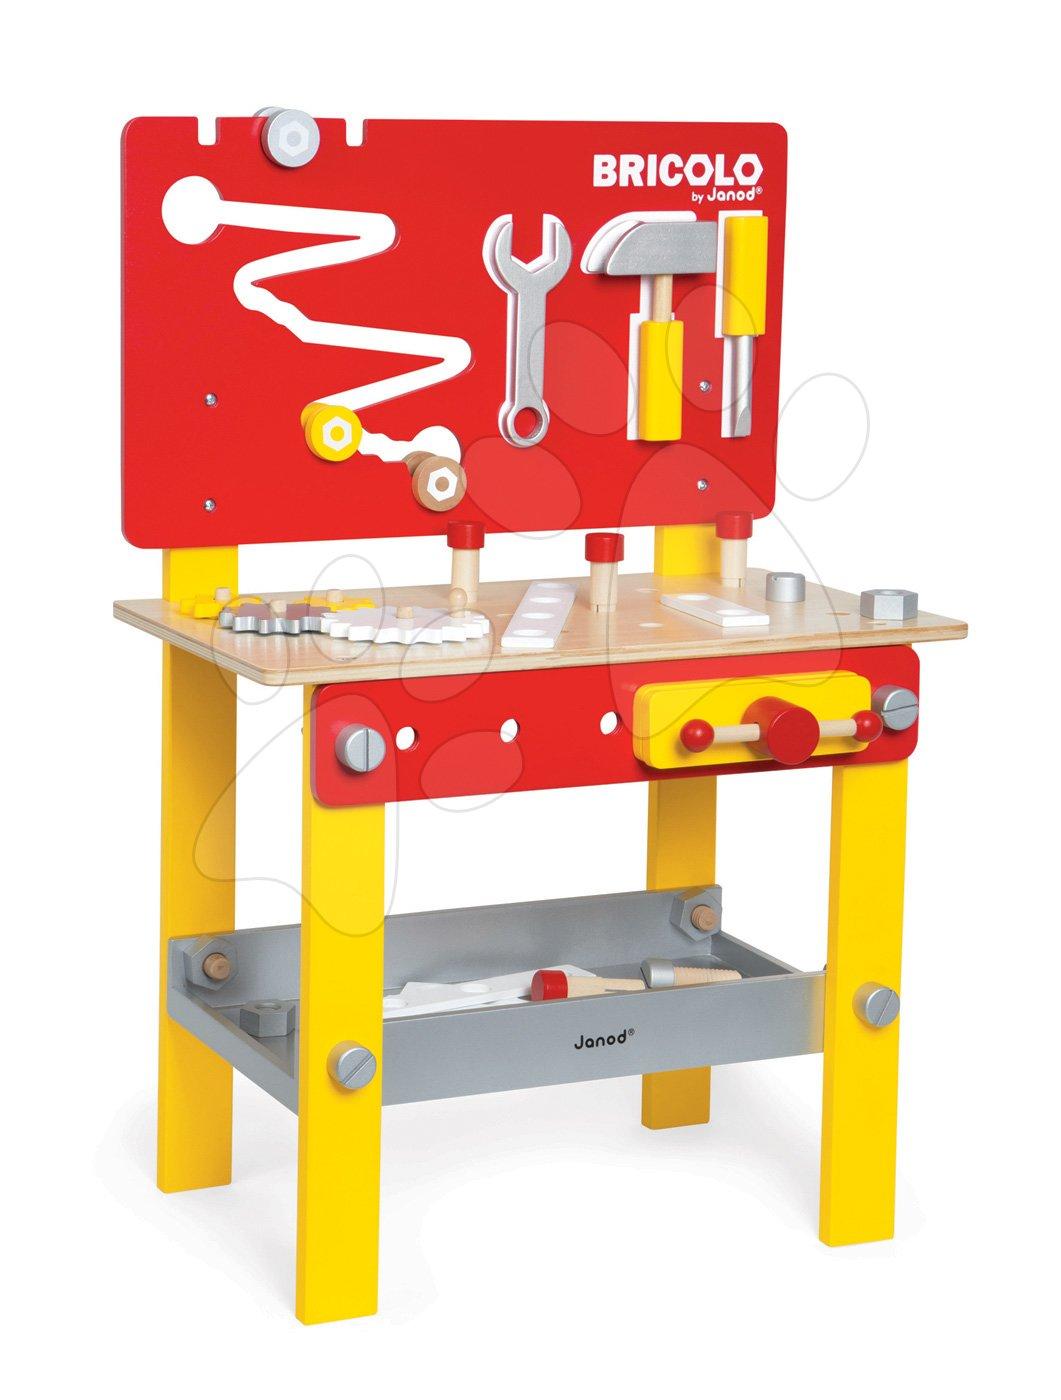 Dřevěný pracovní stůl Redmaster Bricolo M Janod magnetický s 24 doplňky